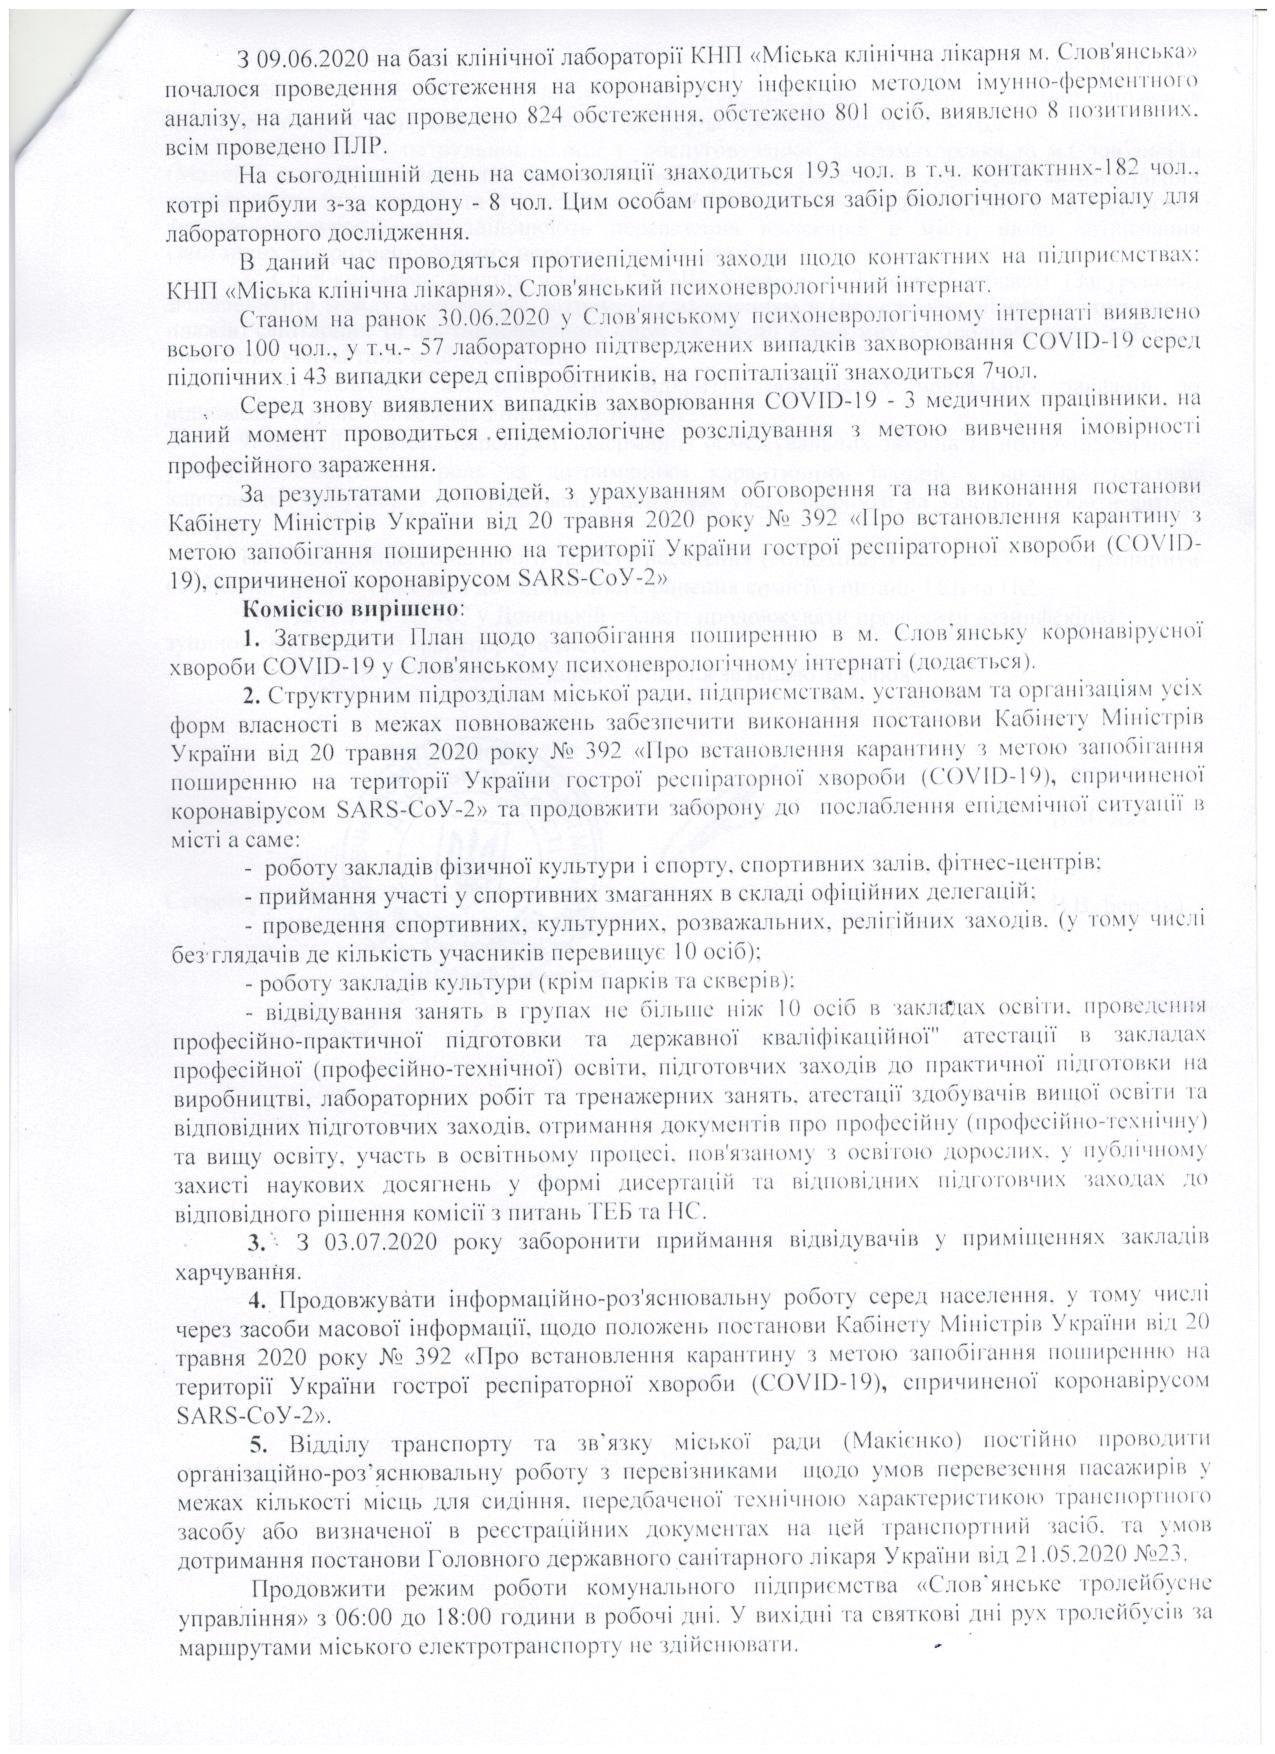 Через ситуацію з коронавірусом у Слов'янську повертають деякі обмеження , фото-2